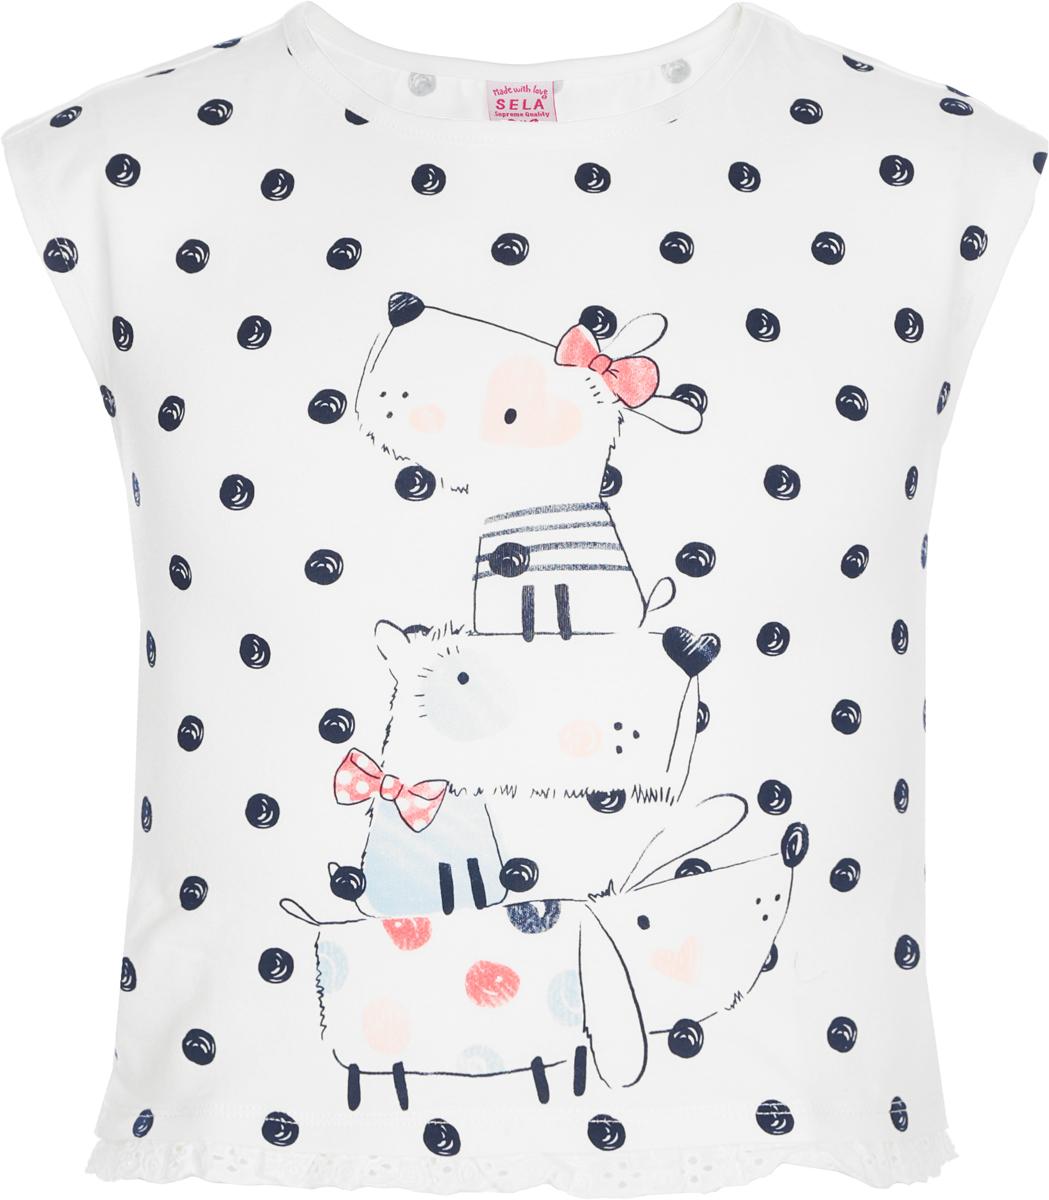 Джемпер для девочки Sela, цвет: слоновая кость. Ts-511/499-8234. Размер 116, 6 лет футболка для девочки sela цвет розовый ts 511 486 8213 размер 116 6 лет